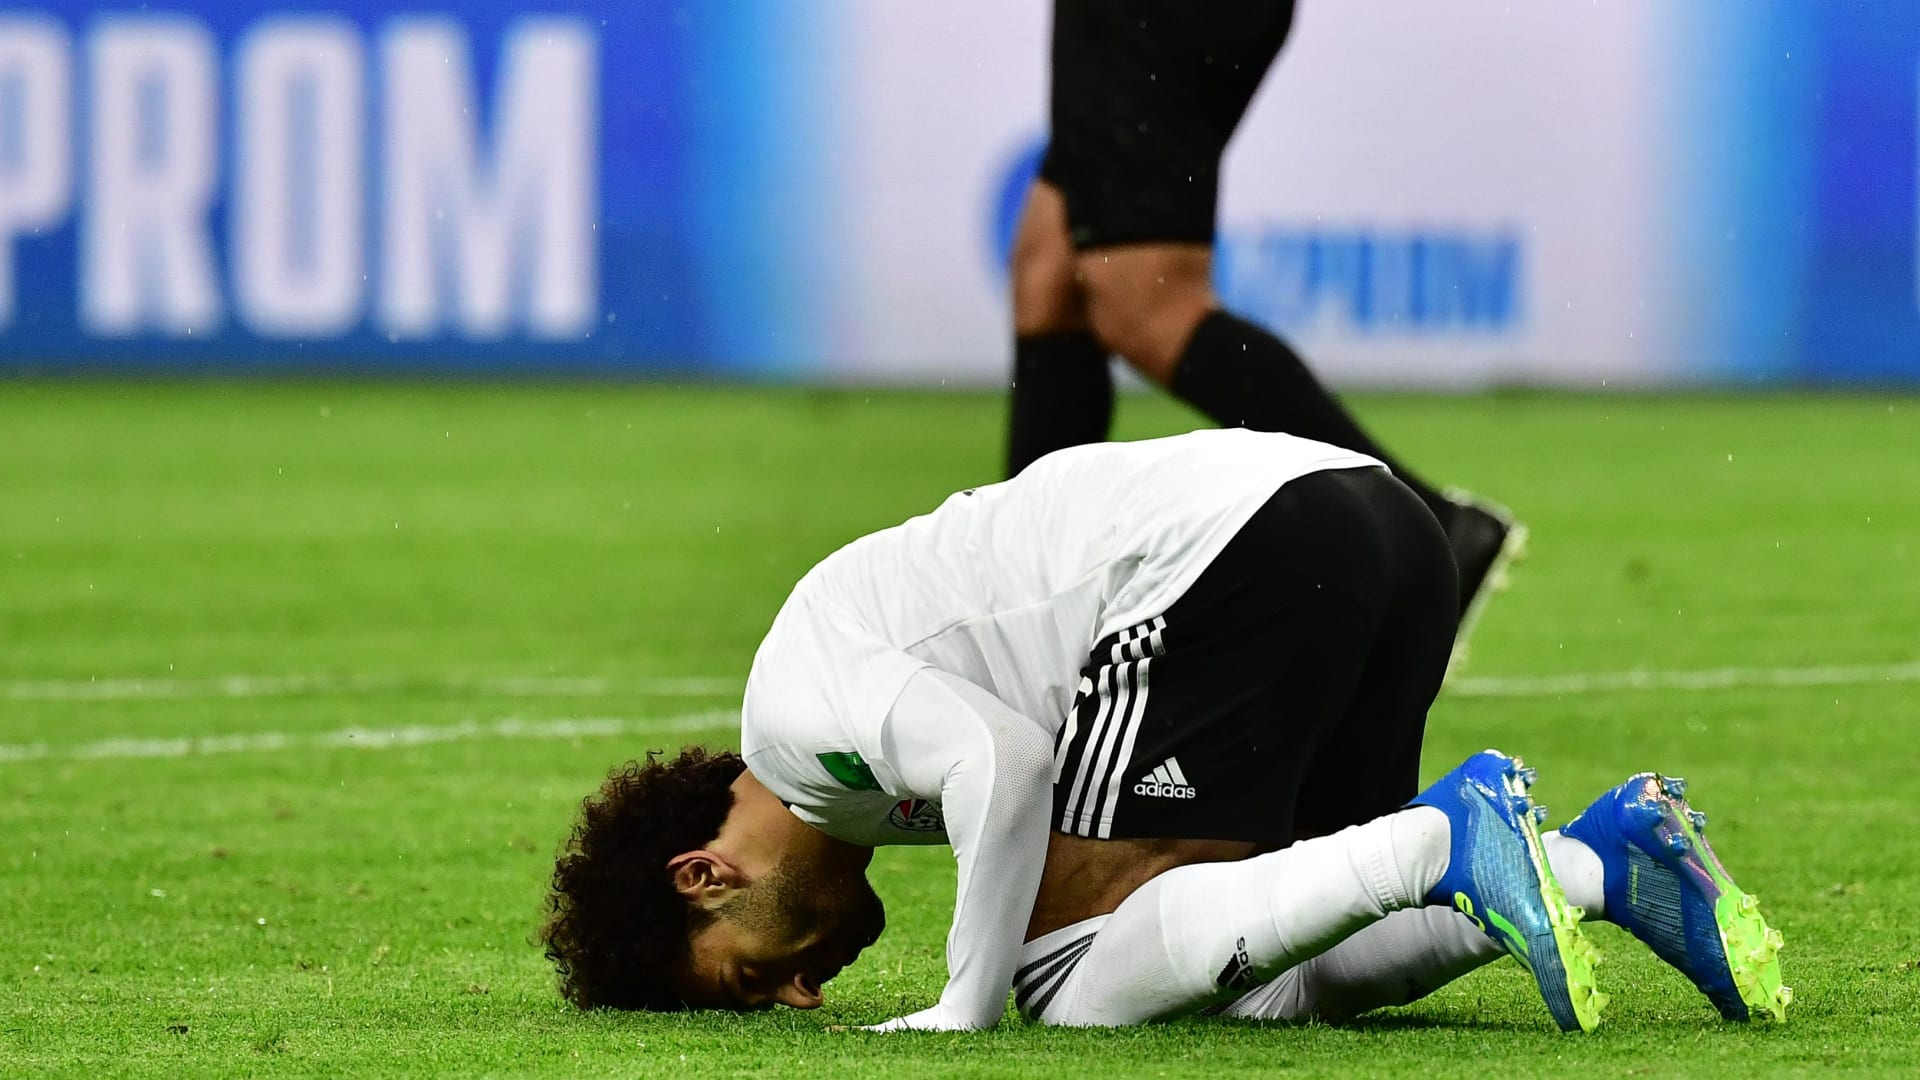 هل جاءت إصابة محمد صلاح في الوقت المناسب؟